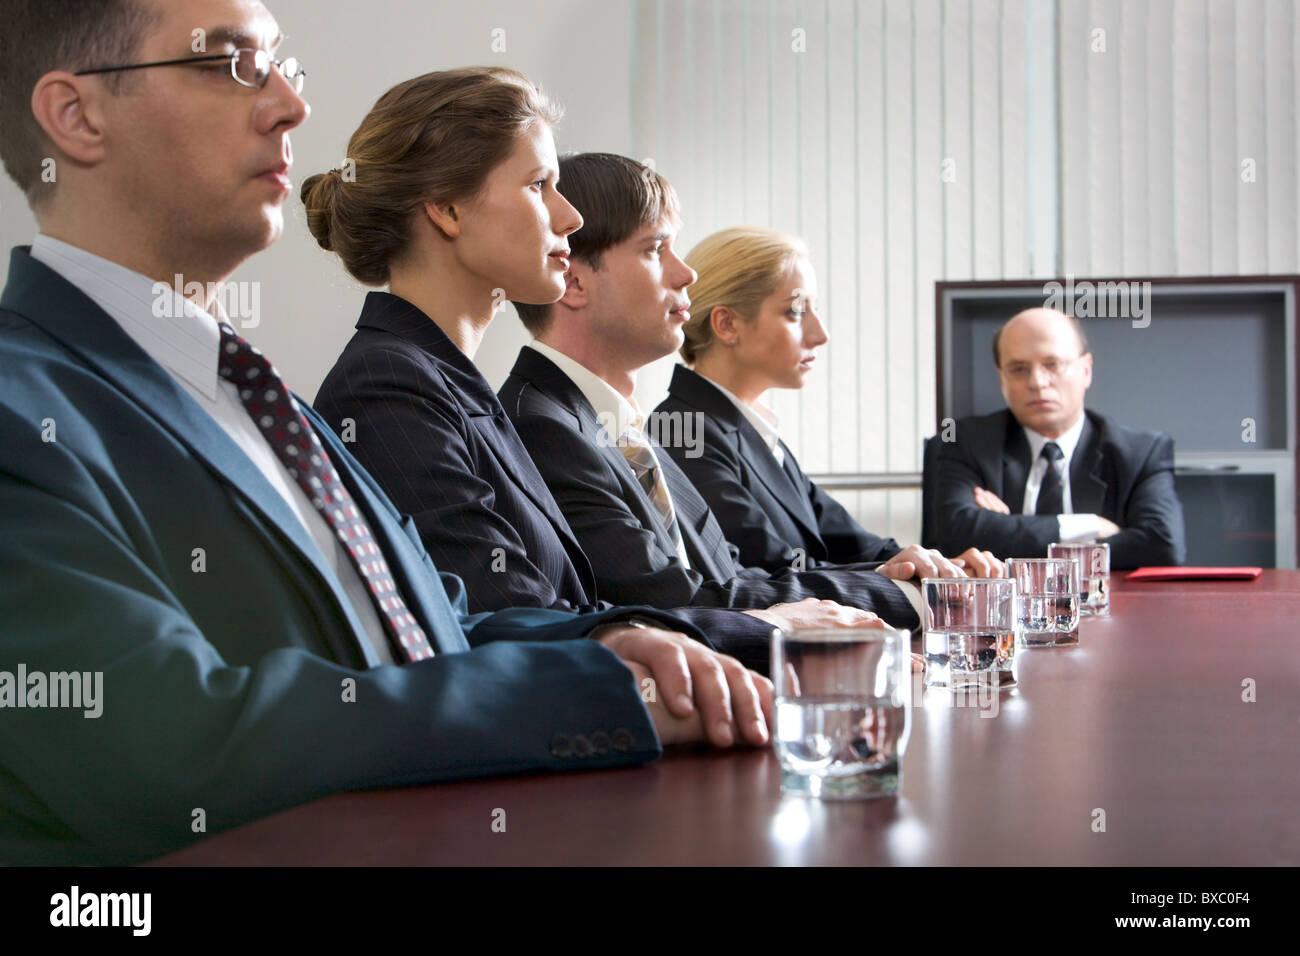 Tense i giovani sono seduti a tavola in una linea e loro orinato boss Immagini Stock